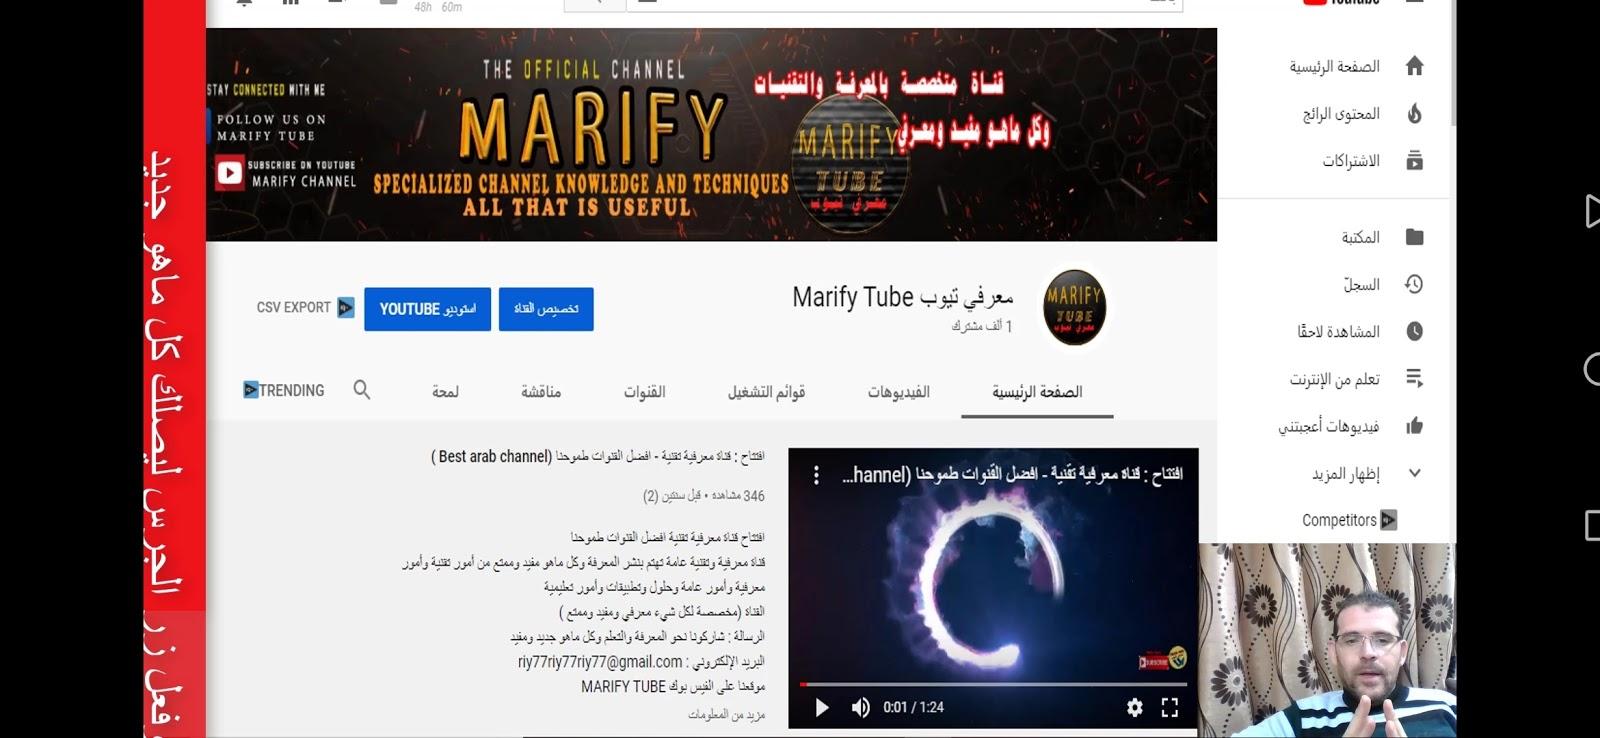 حققت قناه معرفي تيوب   Marify Tubeالمطلوب منها لكي يقبلها اليوتيوب